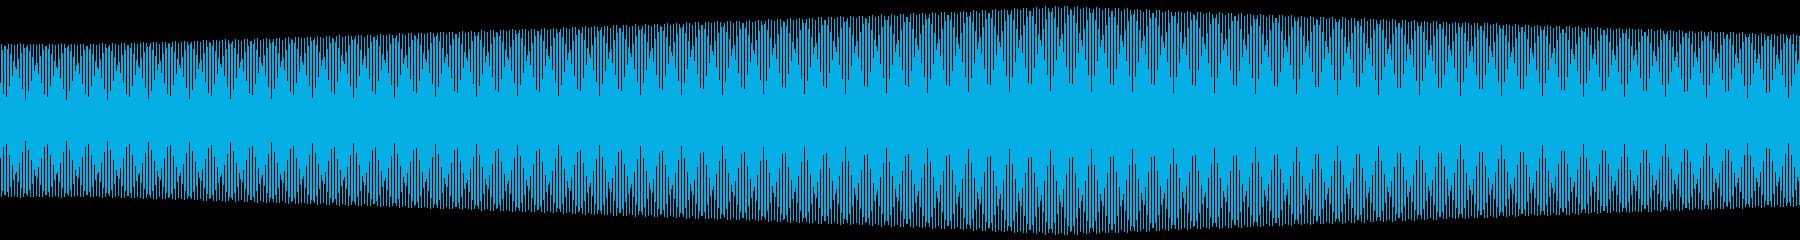 ピッ (レトロRPG風)の再生済みの波形